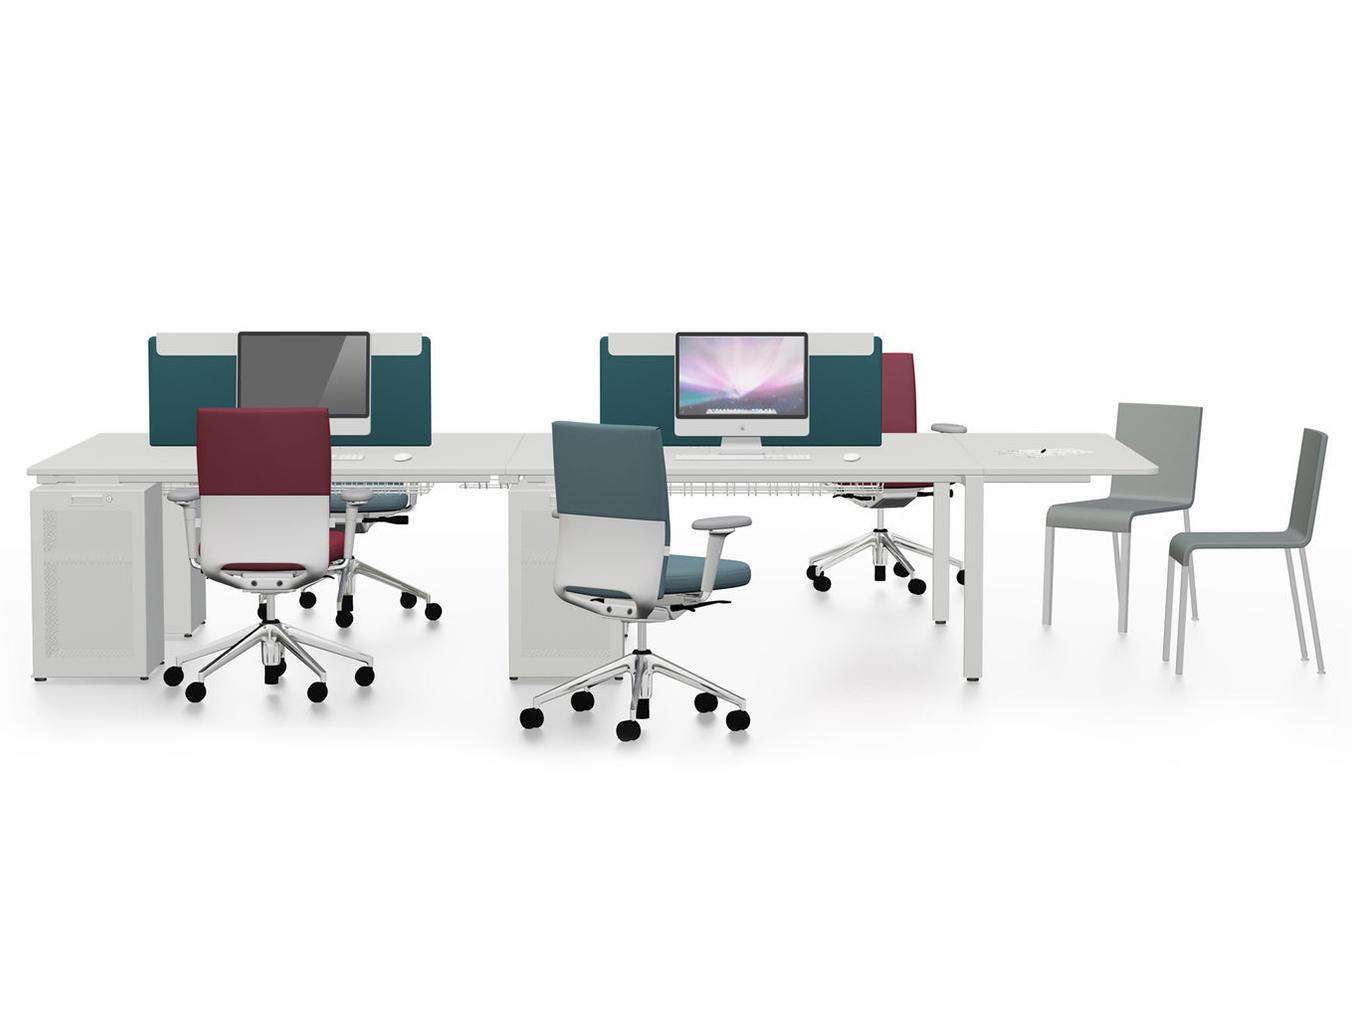 [办公屏风|办公屏风系统|创意家具|现代家居|时尚家具|设计师家具|WorKit 桌面组合工作台]